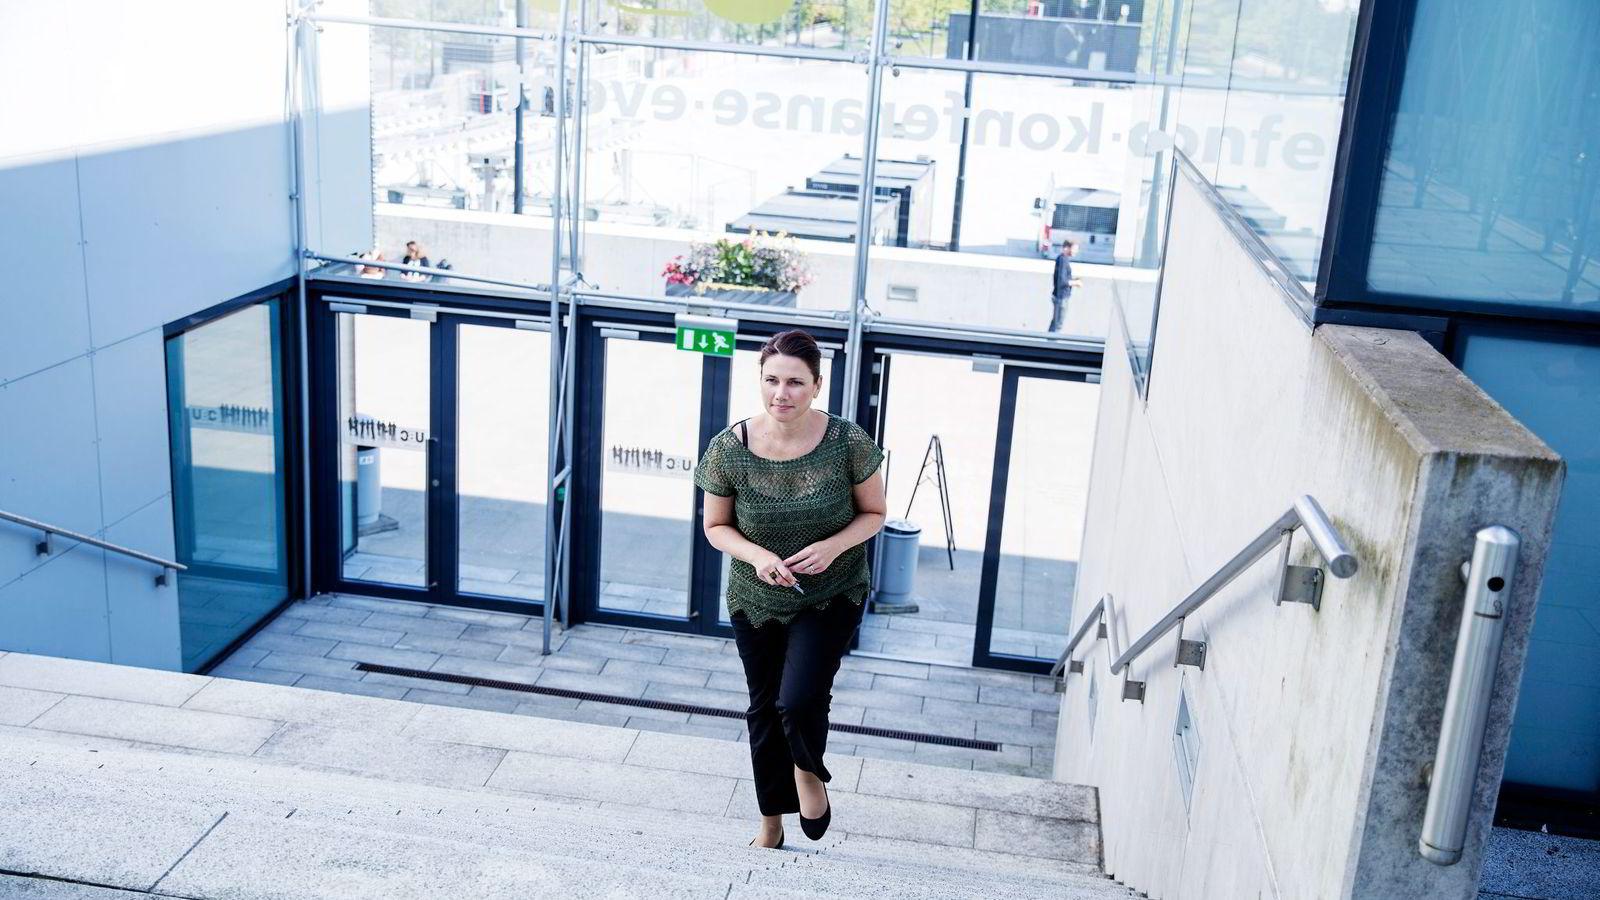 Stortingspolitiker Heidi Nordby Lunde (H) mener vi må slutte å kriminalisere Uber og heller sørge for reguleringer som gir like vilkår. Foto: Fredrik Bjerknes